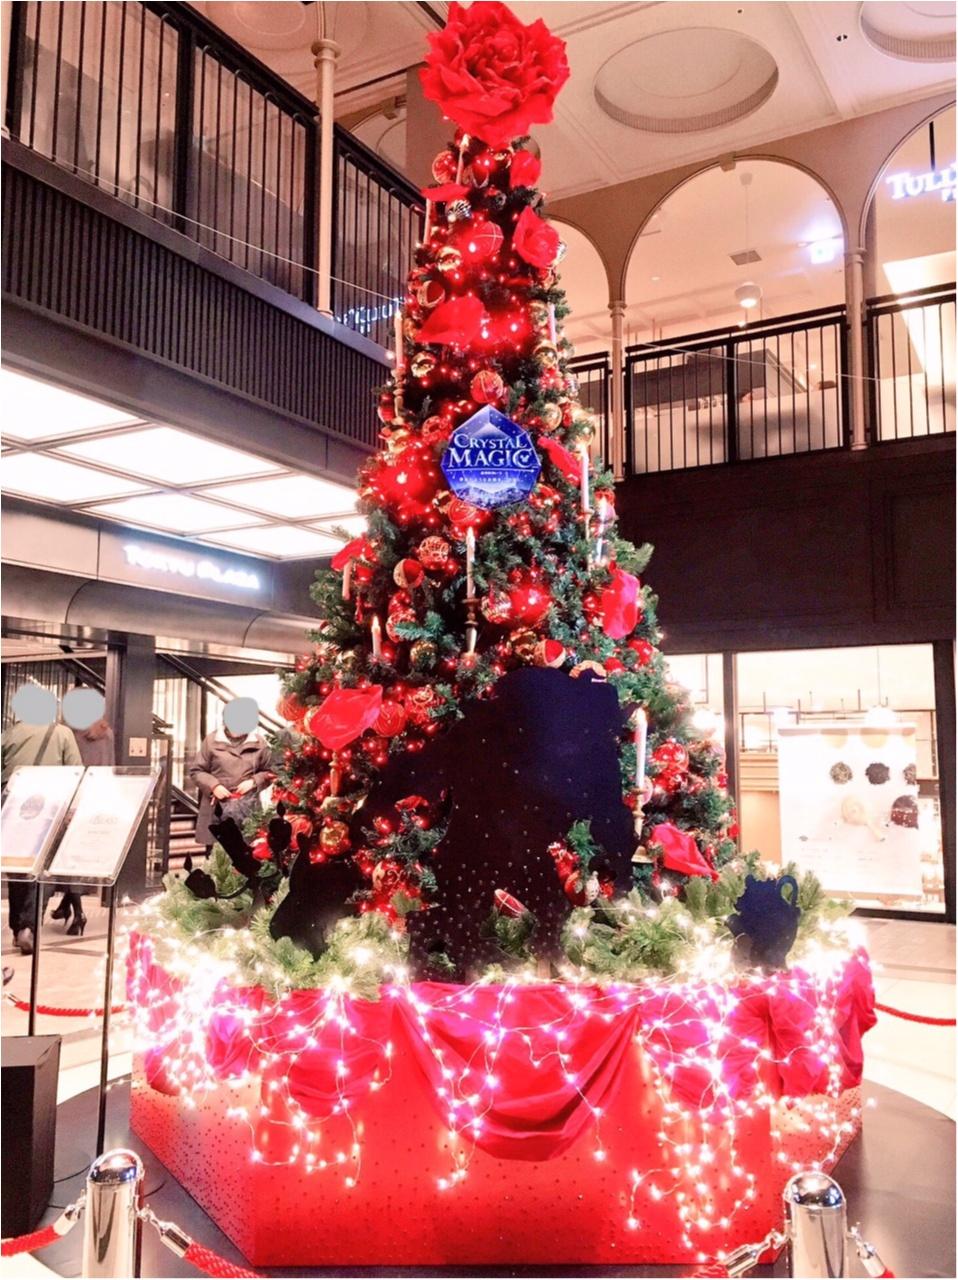 ディズニー映画『美女と野獣』がテーマの 『TOKYU PLAZA GINZA CHRISTMAS 2016』を写真たっぷりでご紹介しちゃいます♡_4